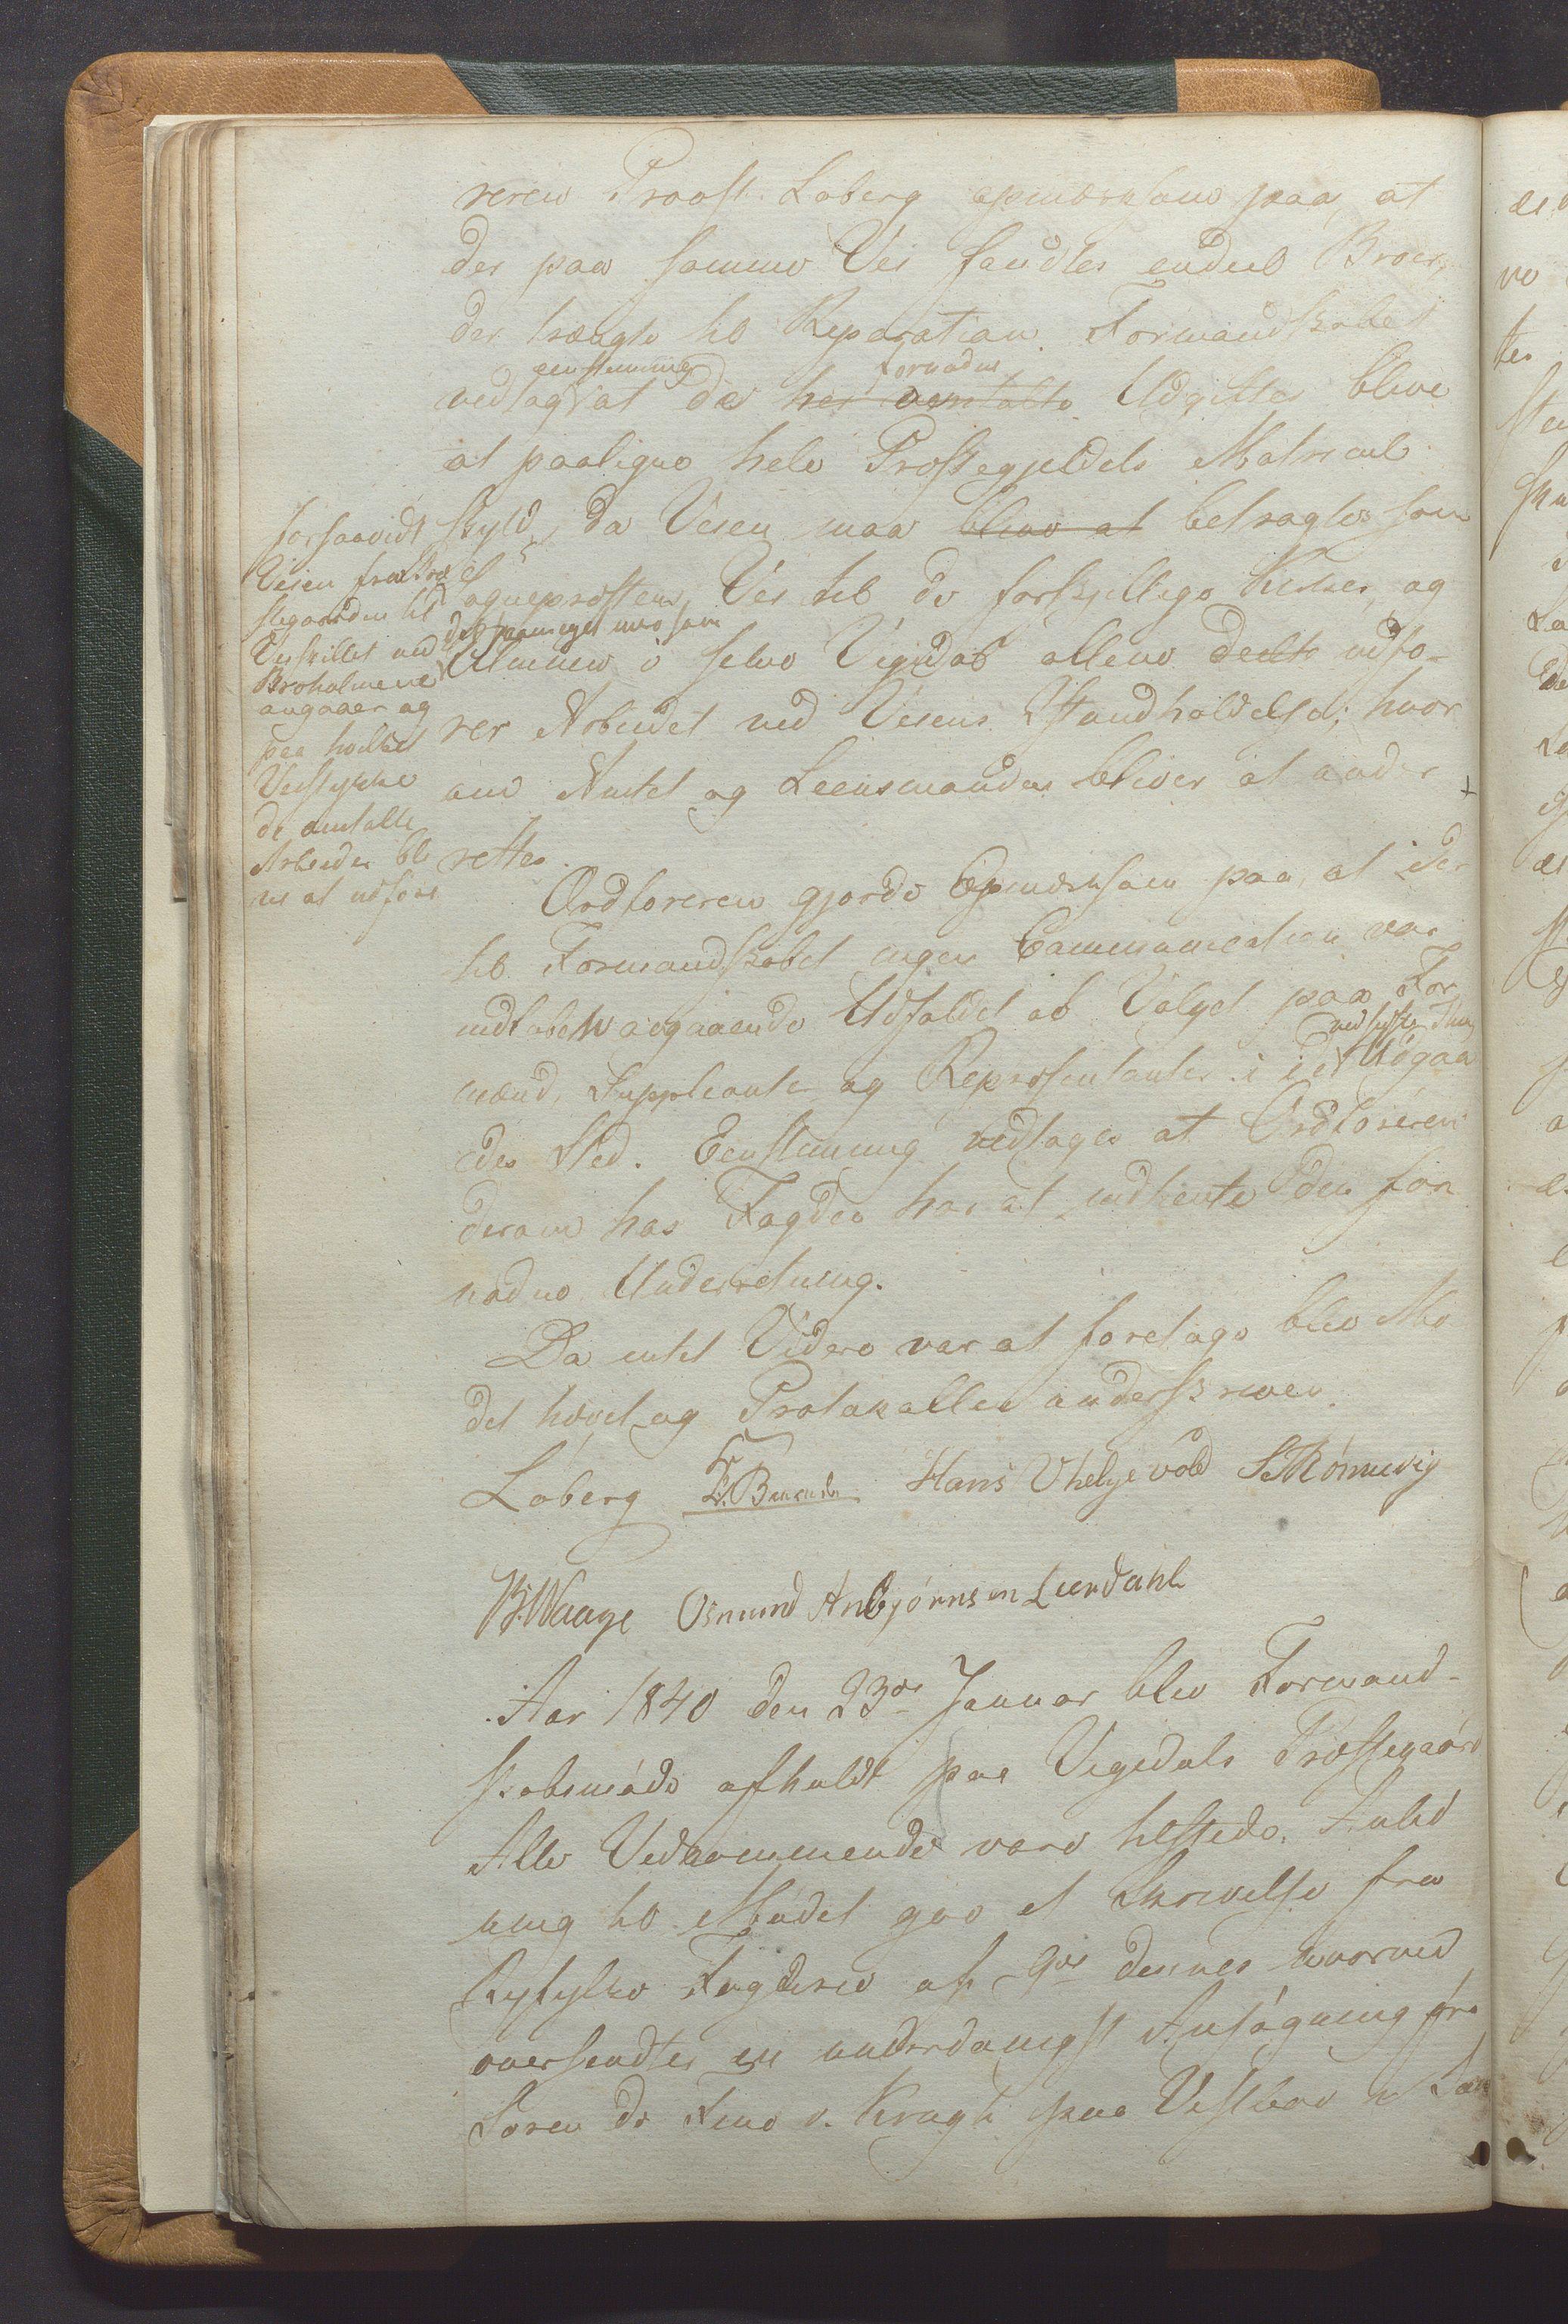 IKAR, Vikedal kommune - Formannskapet, Aaa/L0001: Møtebok, 1837-1874, s. 34b